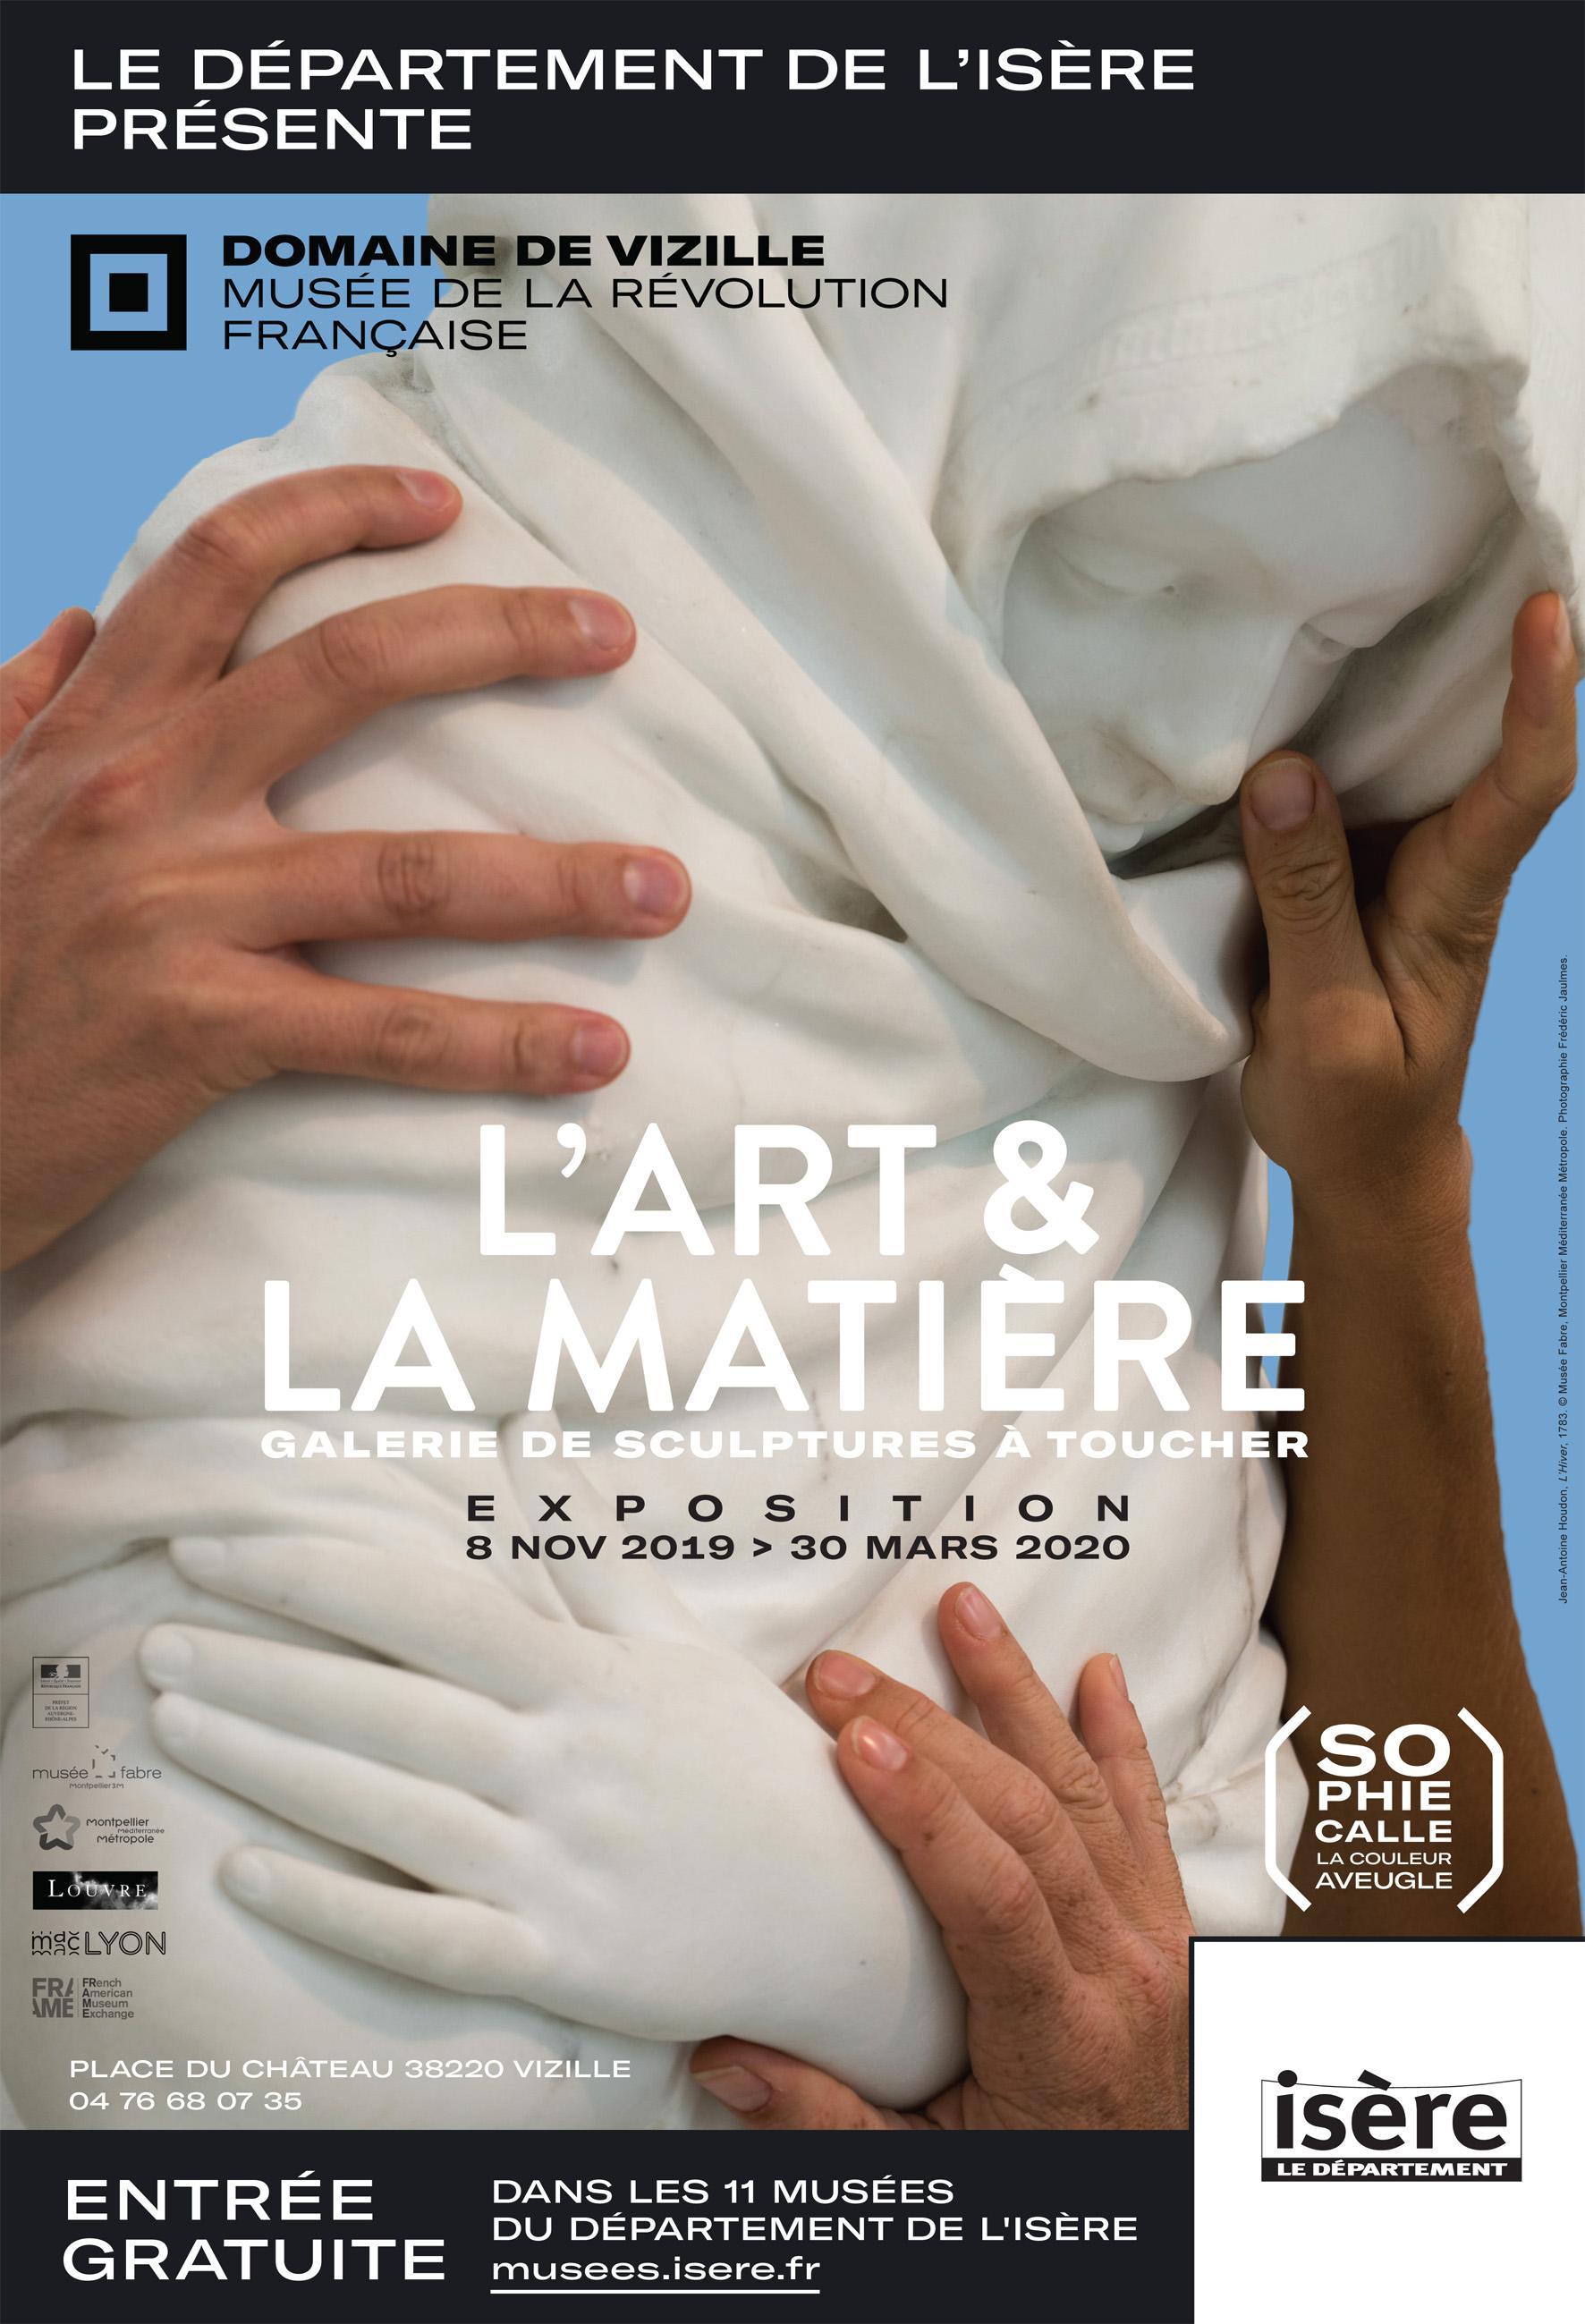 L'ART & LA MATIÈRE © Département de l'Isère / Domaine de Vizille